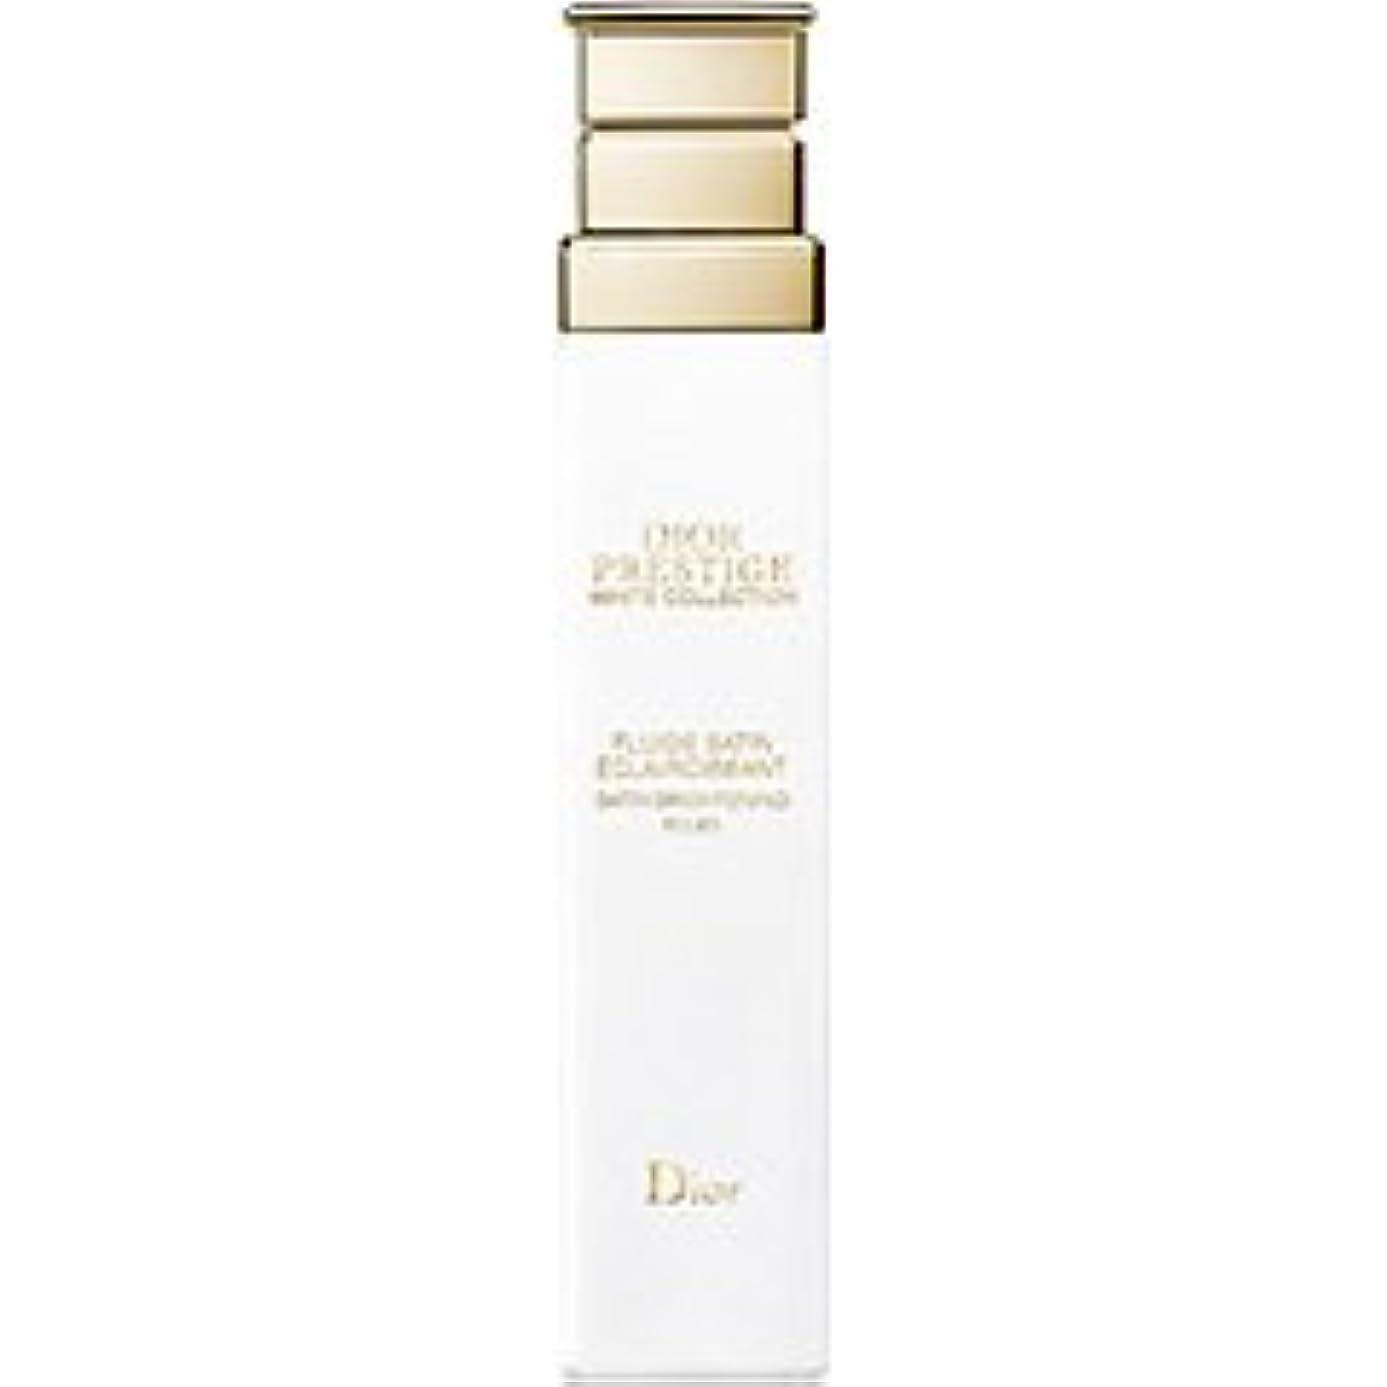 安心灌漑クリスマスディオール(Dior) プレステージ ホワイト コレクション サテン フルイド [並行輸入品]